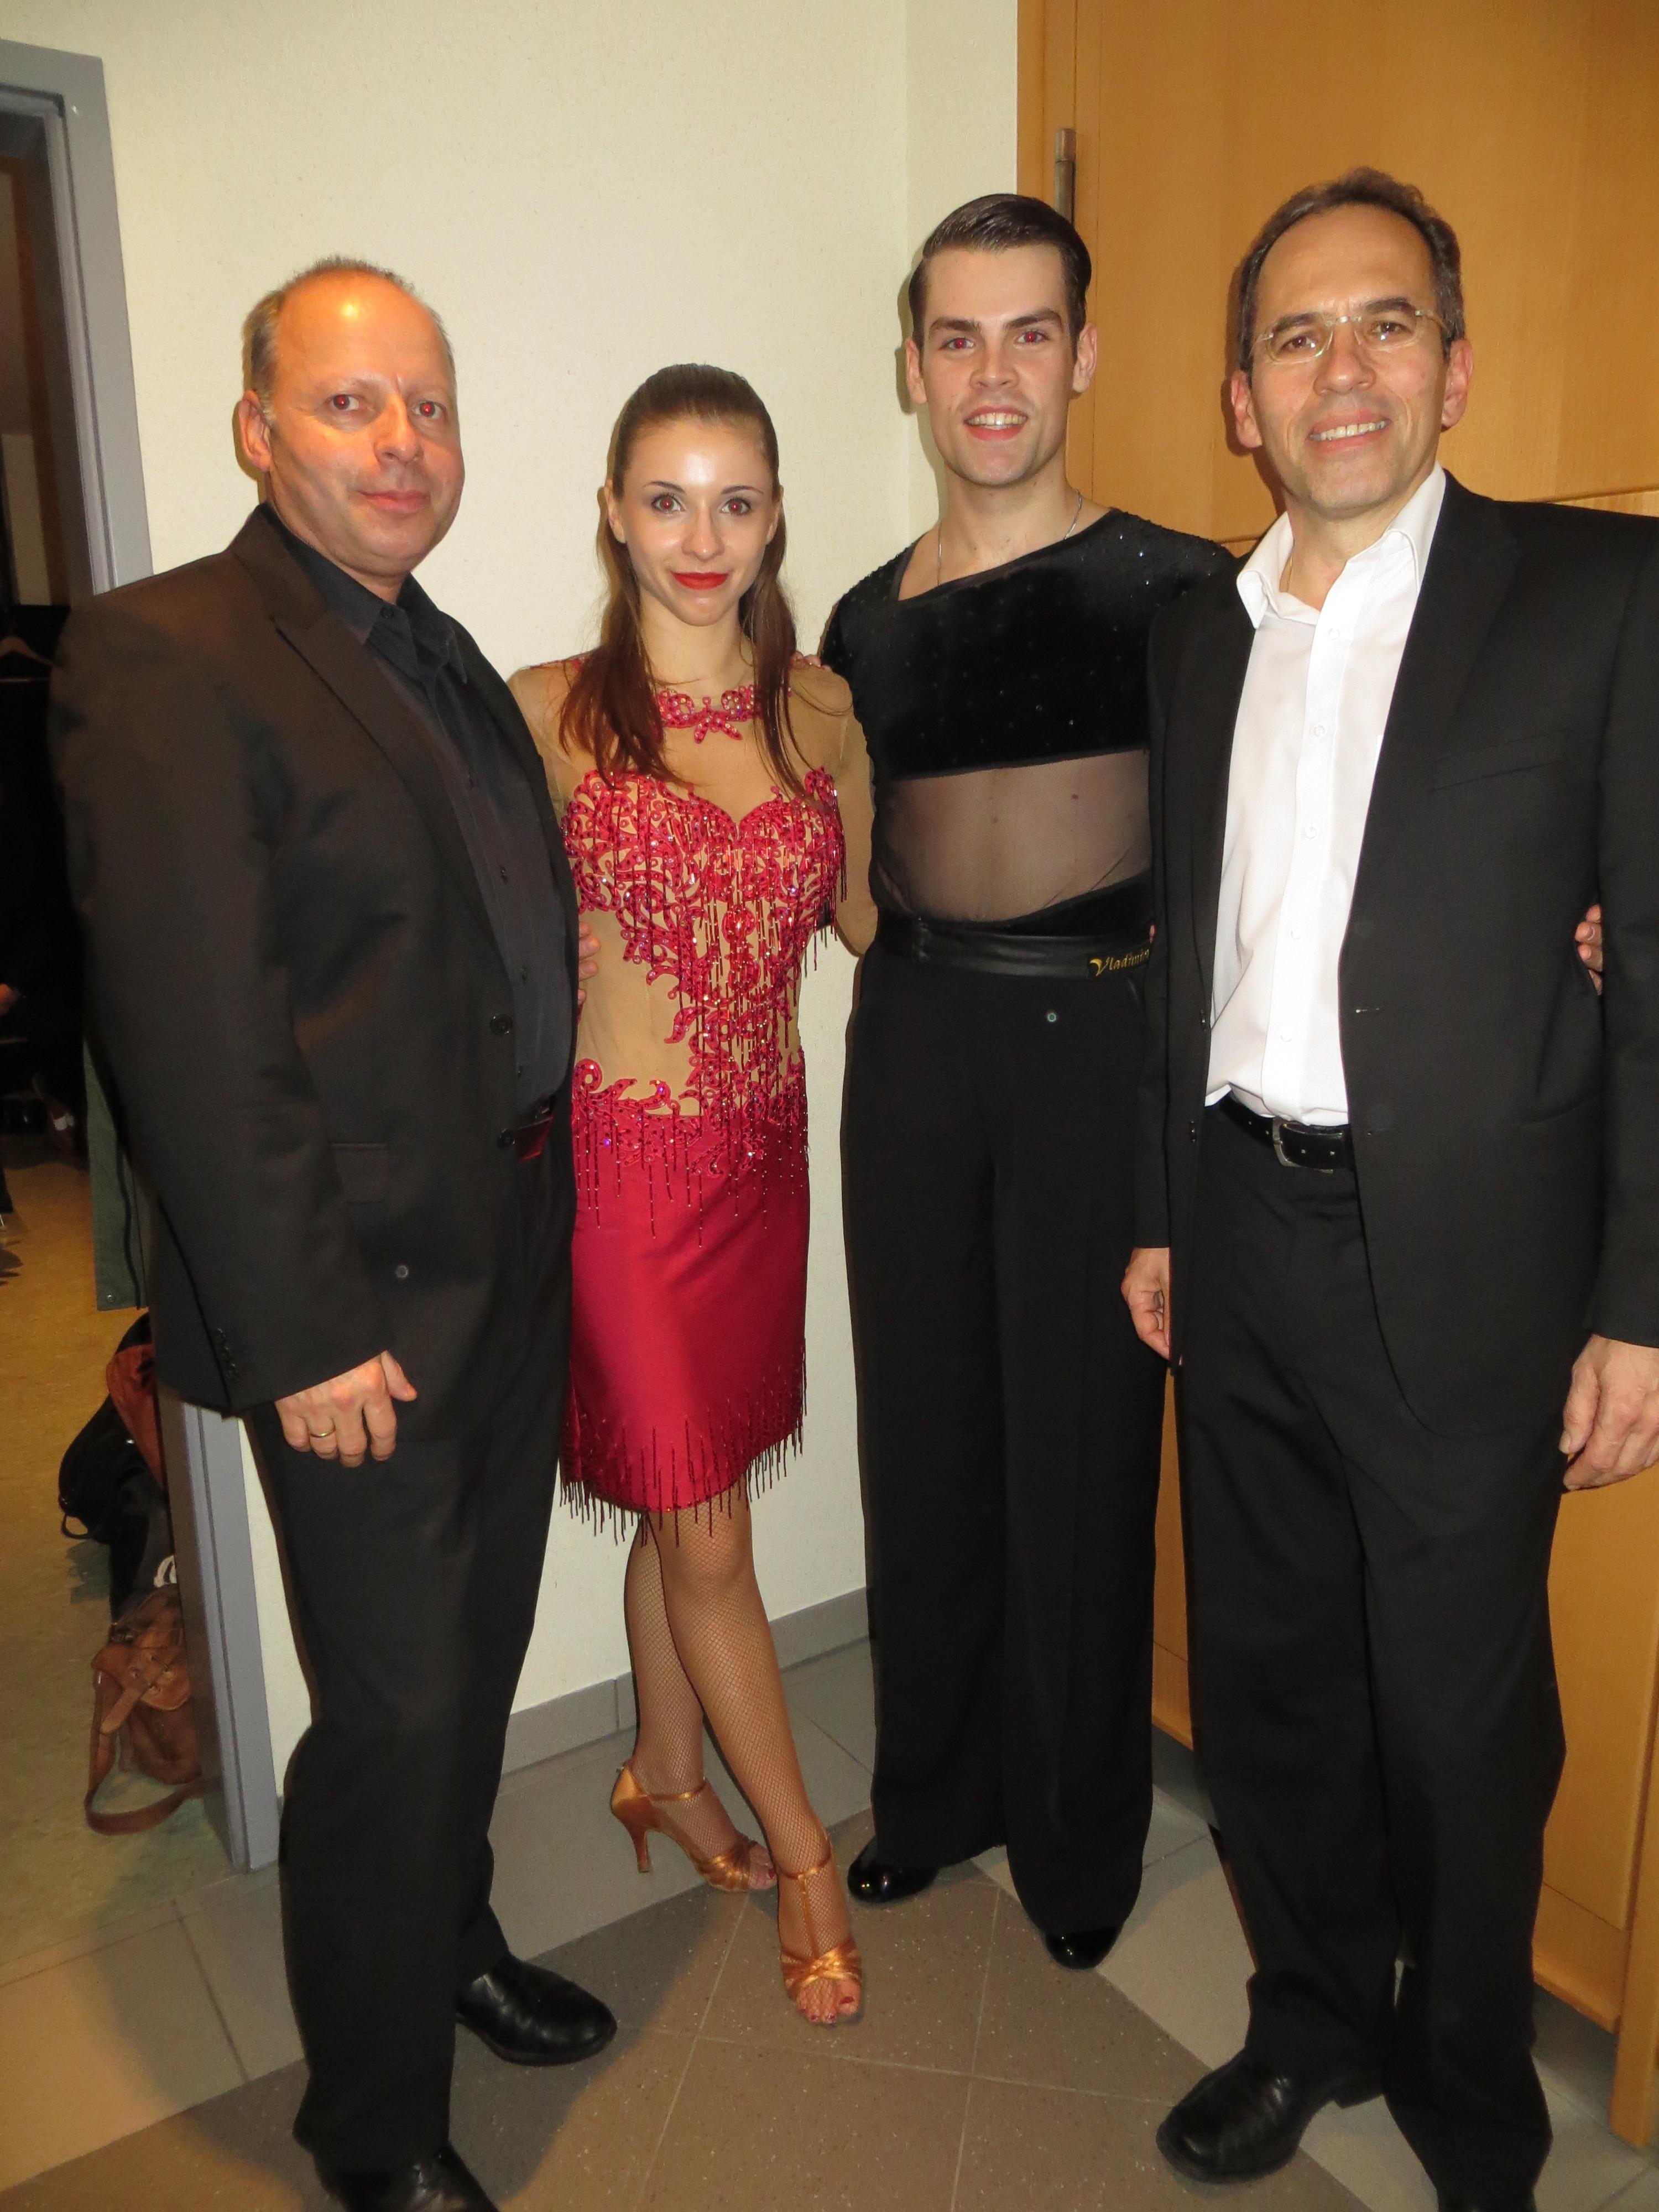 Bandchef Griesbacher mit seinen Tänzern und Moterator